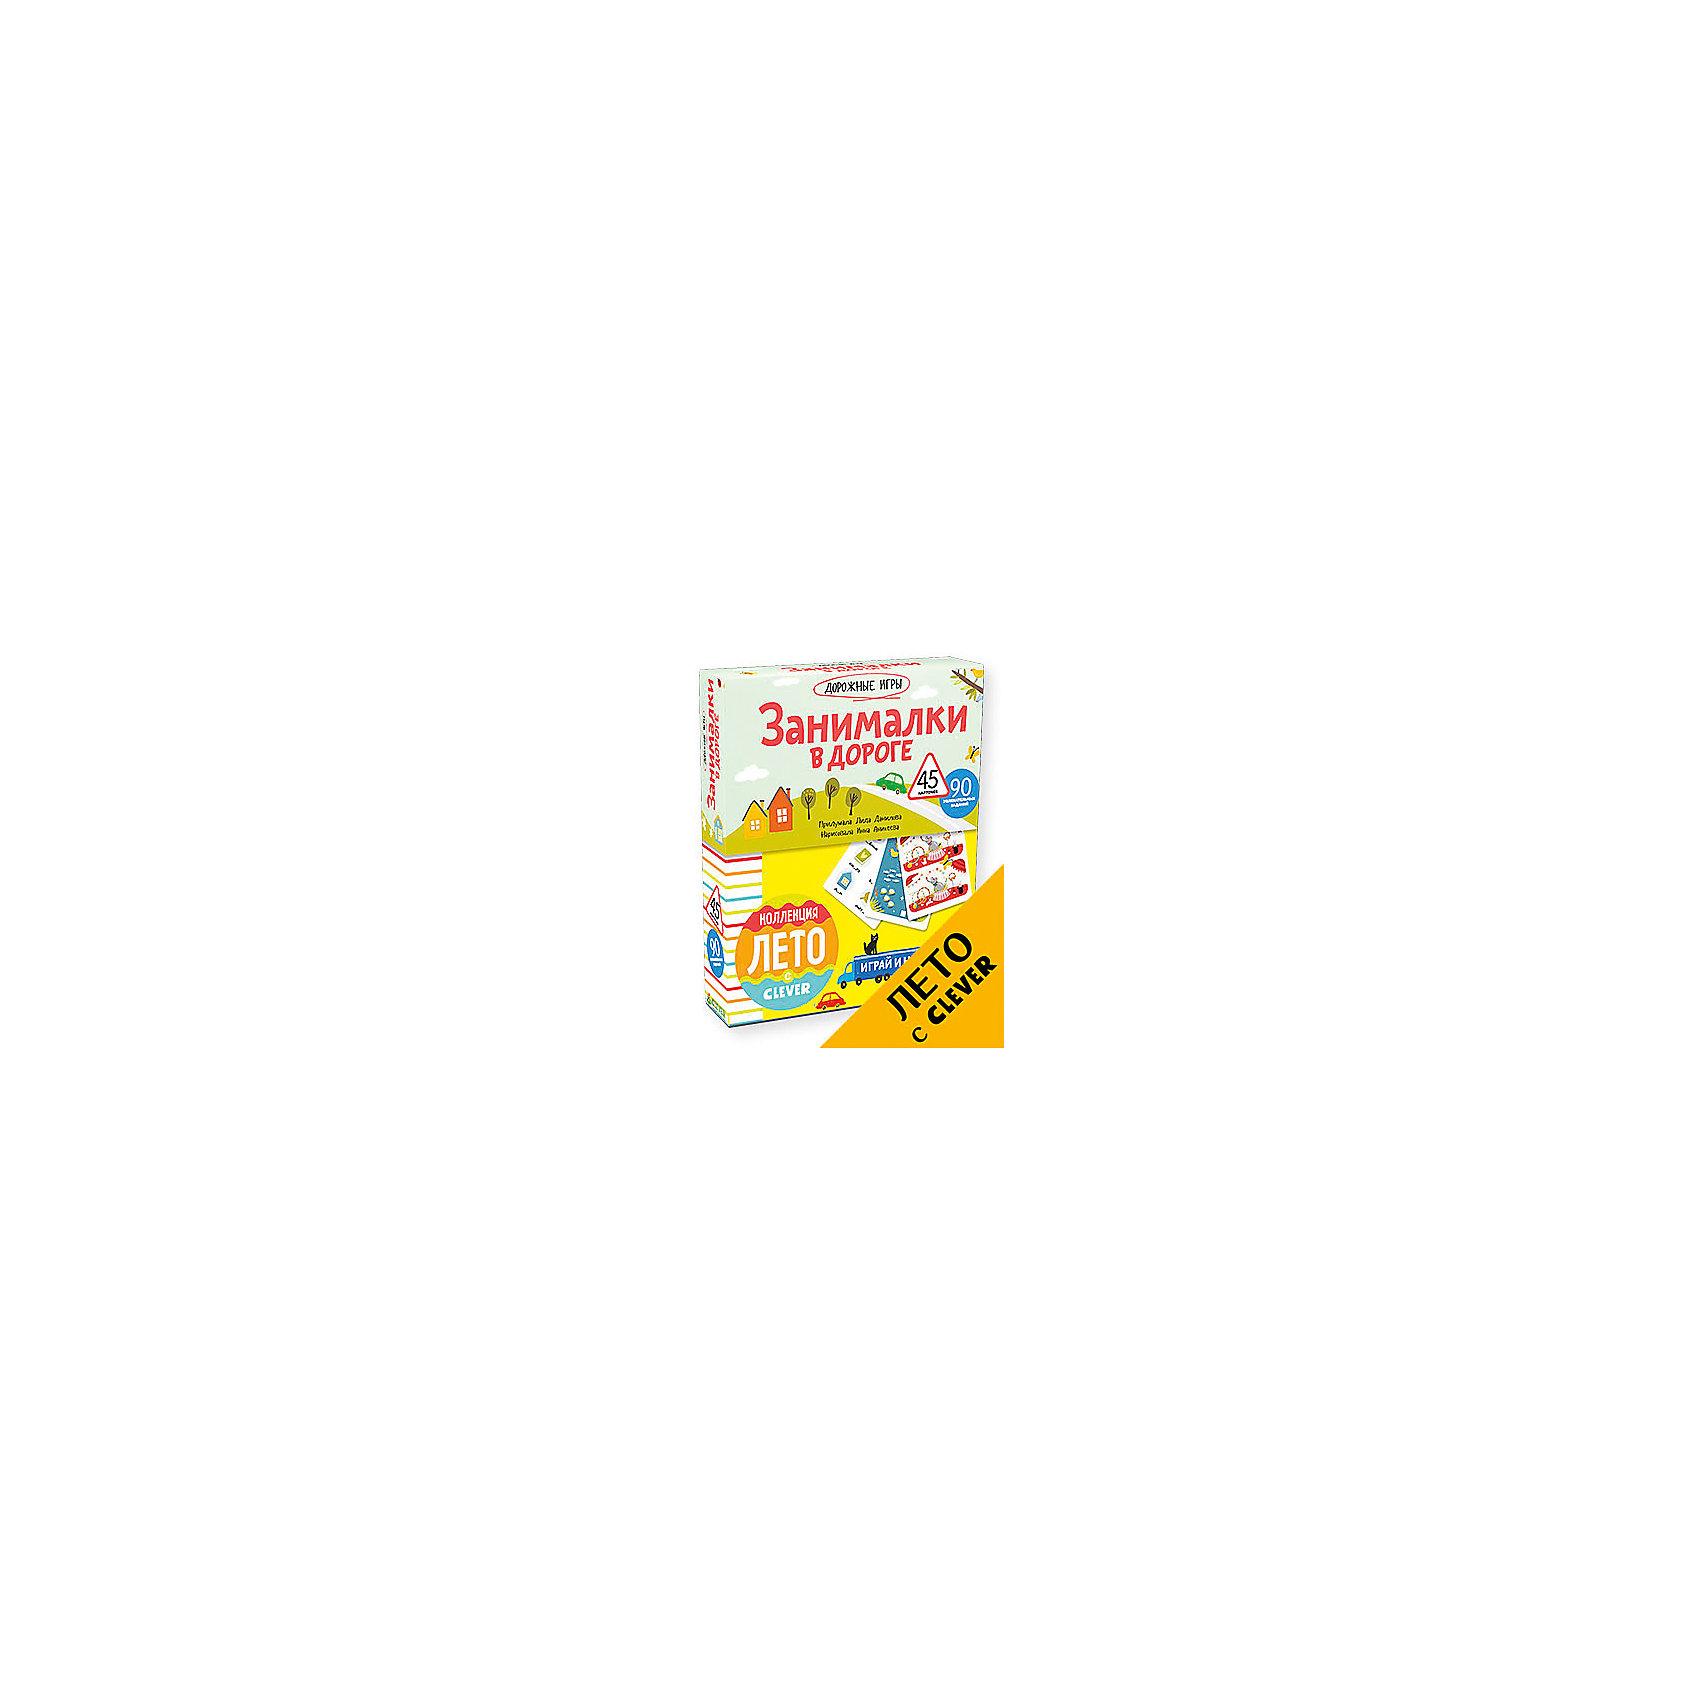 Занималки в дороге, CleverОбучающие карточки<br>Характеристики товара:<br><br>• ISBN: 9785906929518;<br>• возраст: от 4 лет;<br>• формат: 70х100/32;<br>• бумага: картон;<br>• тип обложки: Box;<br>• оформление: текстильные и пластиковые вставки;<br>• иллюстрации: цветные;<br>• серия: Возьми с собой в дорогу;<br>• коллекция: Лето;<br>• издательство: Клевер Медиа Групп, 2017 г.;<br>• автор: Данилова Лидия;<br>• художник: Аникеева Инна;<br>• количество страниц: 90;<br>• размеры: 16,5х12,8х2,8 см;<br>• масса: 284 г.<br><br>Сборник задачек «Занималки в дороге» подходит для мальчиков и девочек от 4 лет. Внутри плотной коробки находятся 45 карточек и 90  заданий. Дети помогут птенцу добраться до гнезда, дорисуют недостающие ингредиенты для вкусного пирога, сосчитают лепестки на цветах. Смешные рисовалки, лабиринты и задачки надолго увлекут малышей.<br><br>Интересные задачки тренируют логику, мышление, память и сообразительность.<br><br>Набор удобно брать с собой на отдых и в дорогу.<br><br>Книгу «Занималки в дороге», Клевер Медиа Групп, Данилова Лидия, можно купить в нашем интернет-магазине.<br><br>Ширина мм: 145<br>Глубина мм: 115<br>Высота мм: 200<br>Вес г: 290<br>Возраст от месяцев: 48<br>Возраст до месяцев: 72<br>Пол: Унисекс<br>Возраст: Детский<br>SKU: 6709194